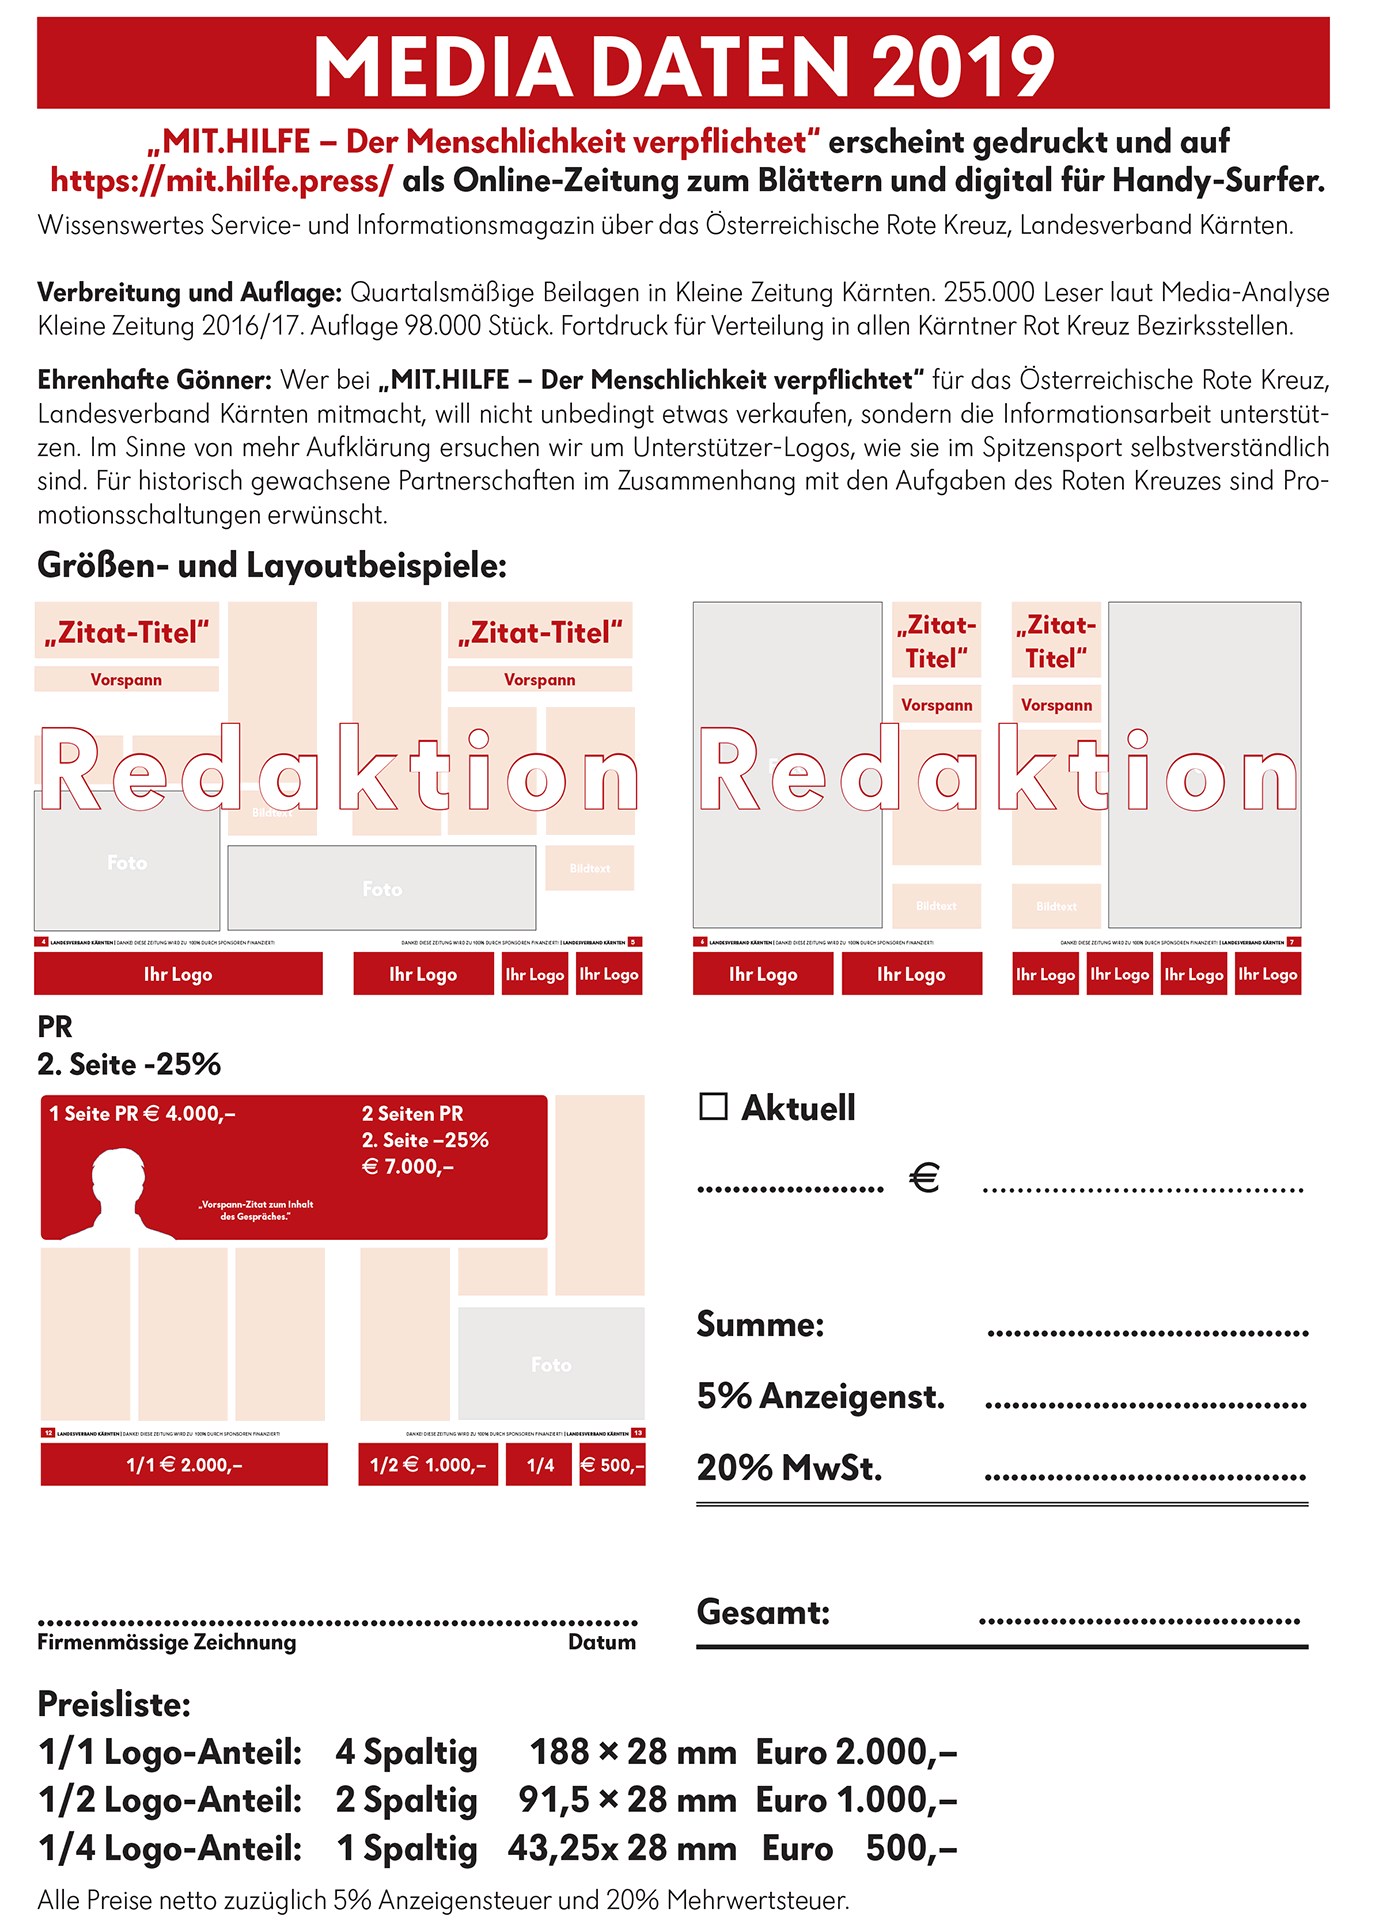 MIT.HILFE | Mediadaten 2019